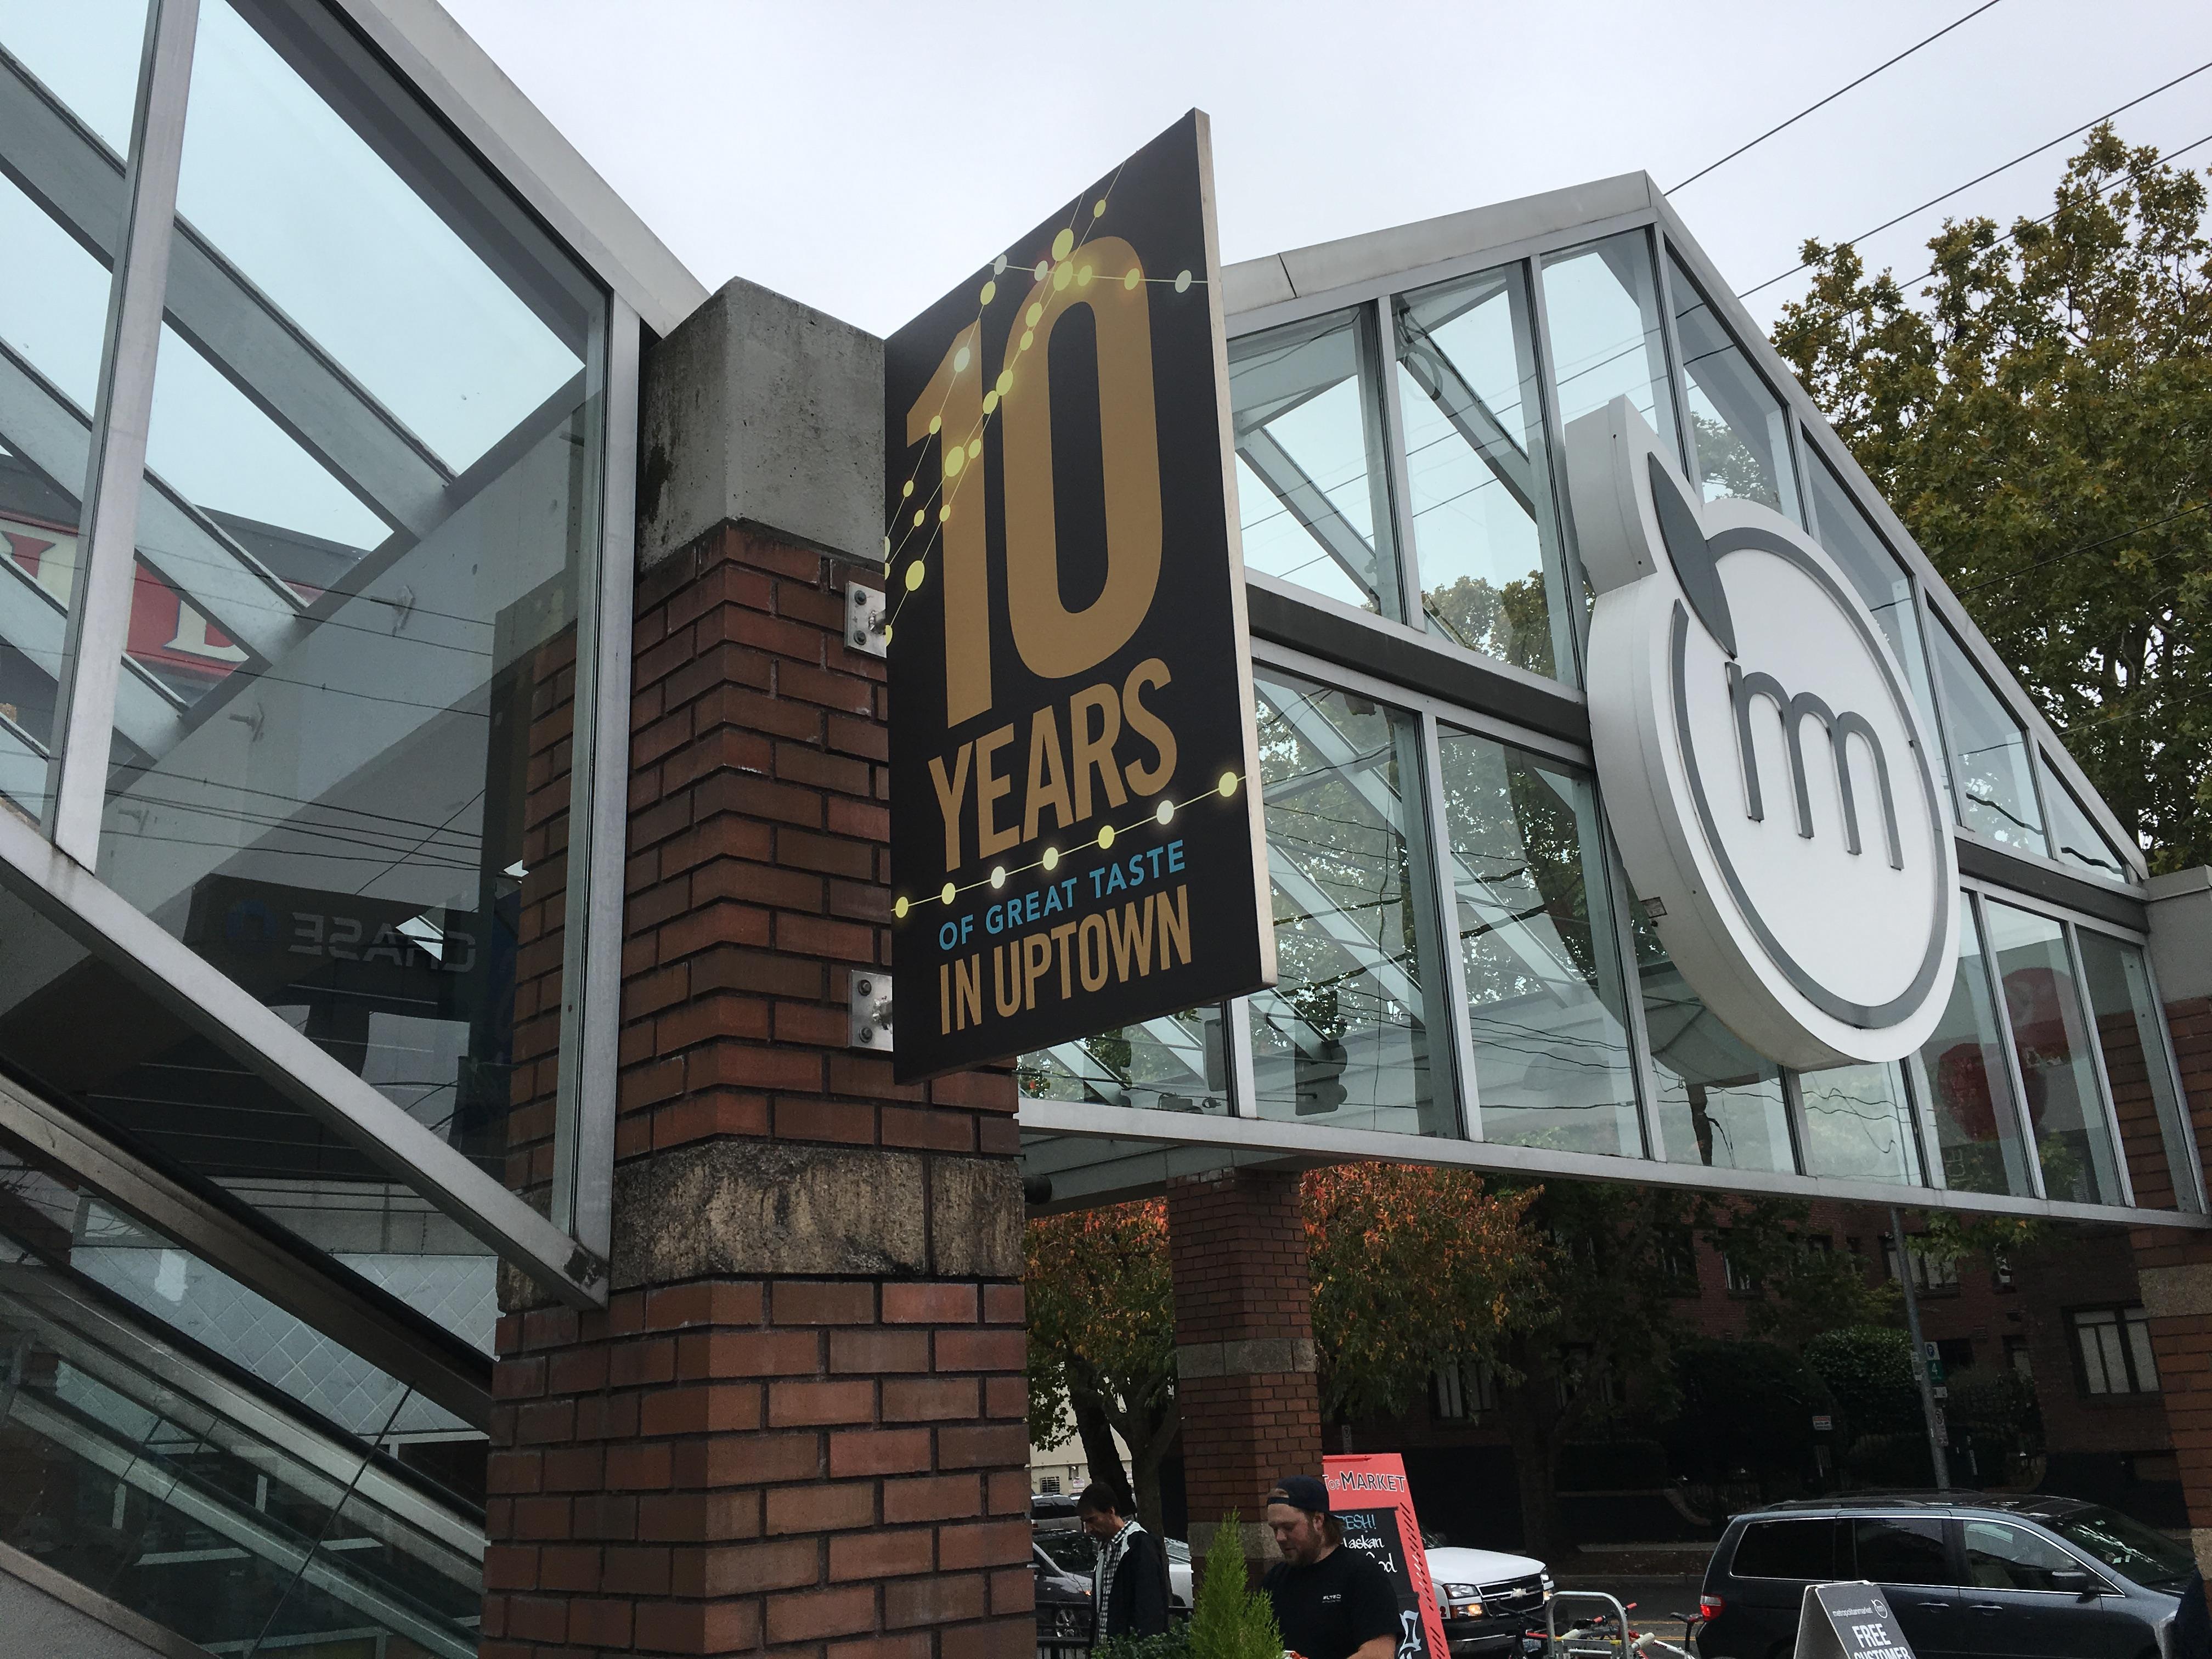 10-year-met-market.JPG